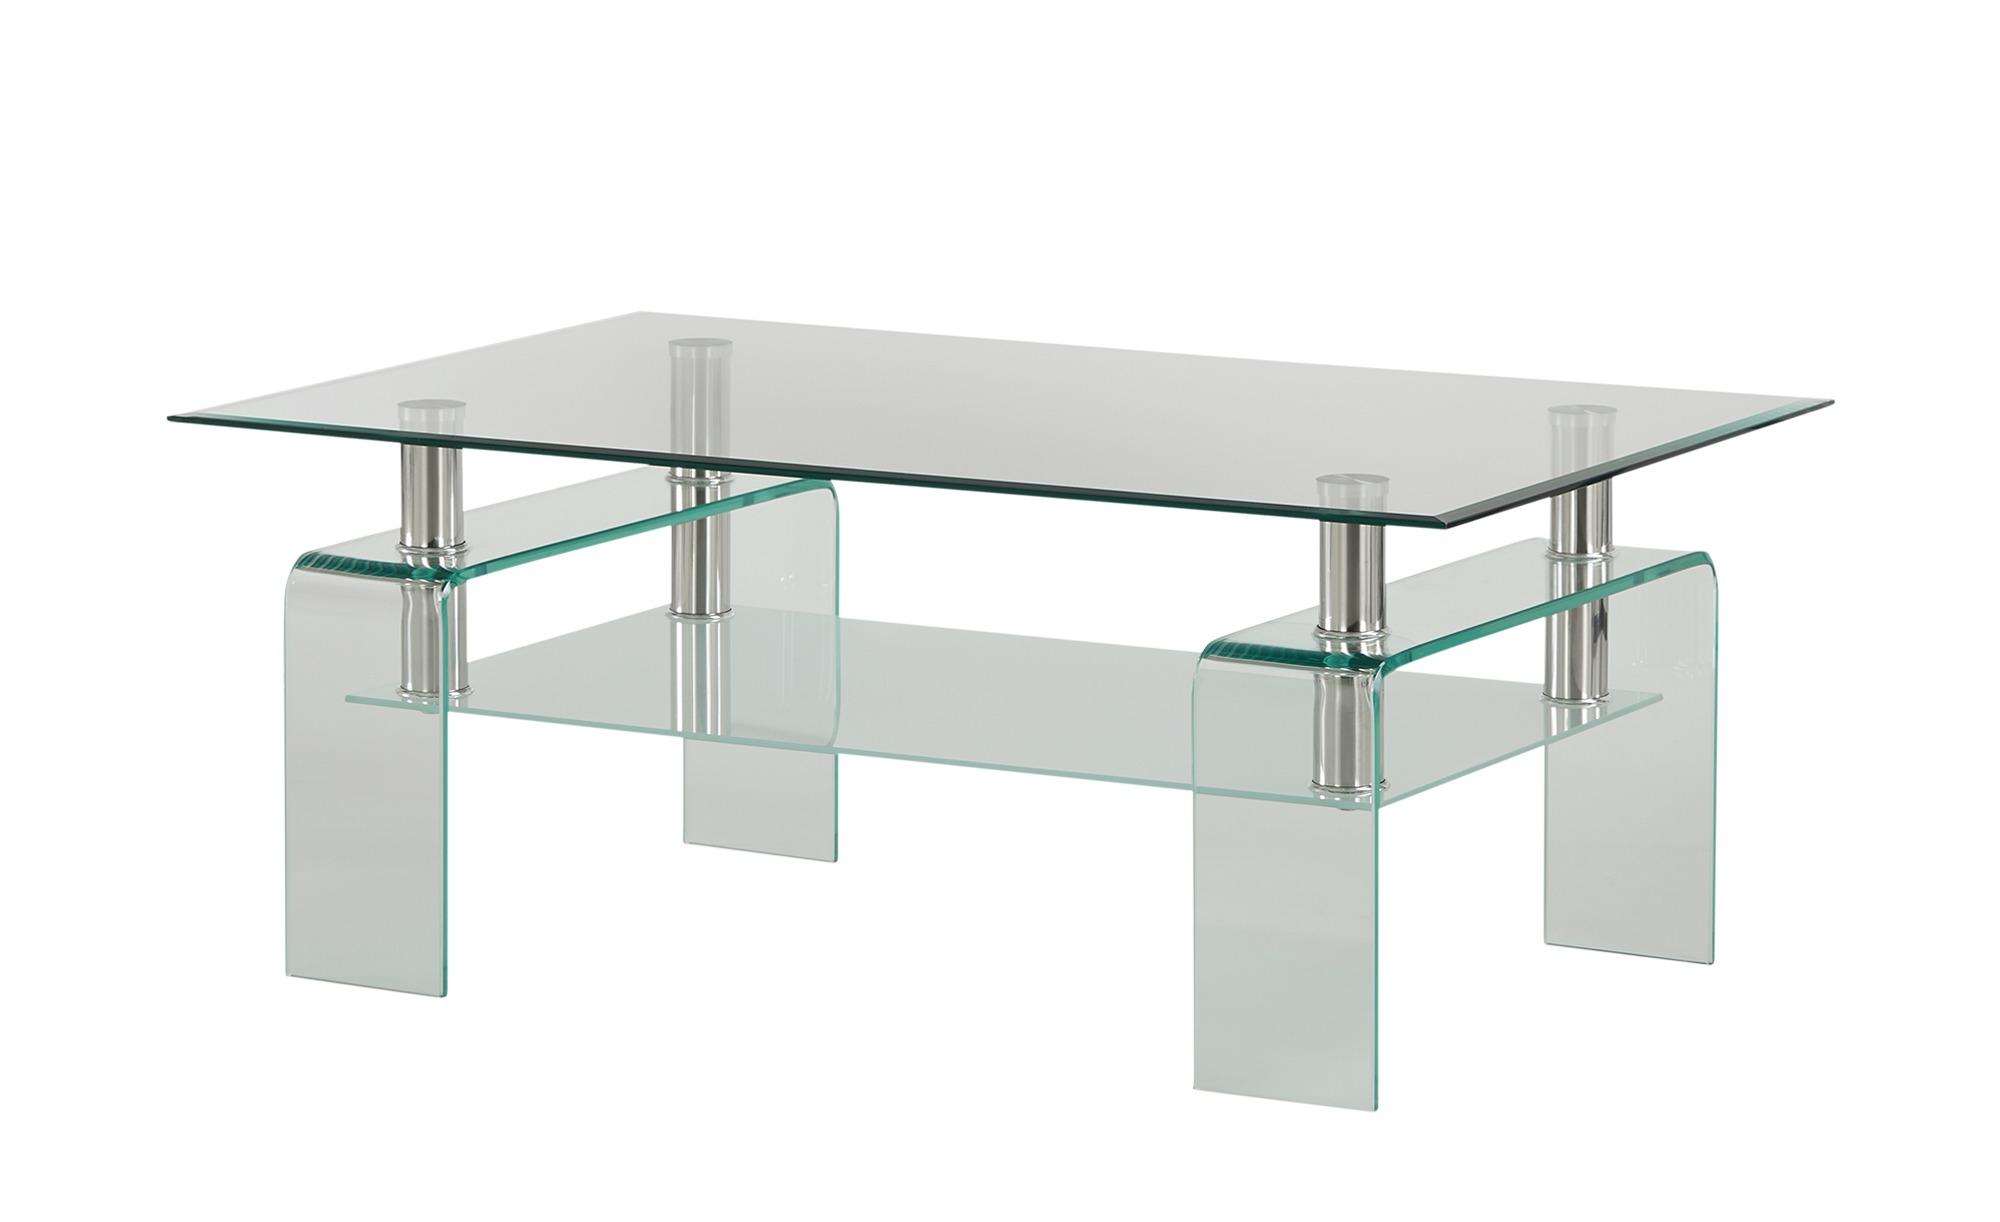 Couchtisch  Vivara ¦ transparent/klar ¦ Maße (cm): B: 70 H: 45 Tische > Couchtische > Couchtische rechteckig - Höffner